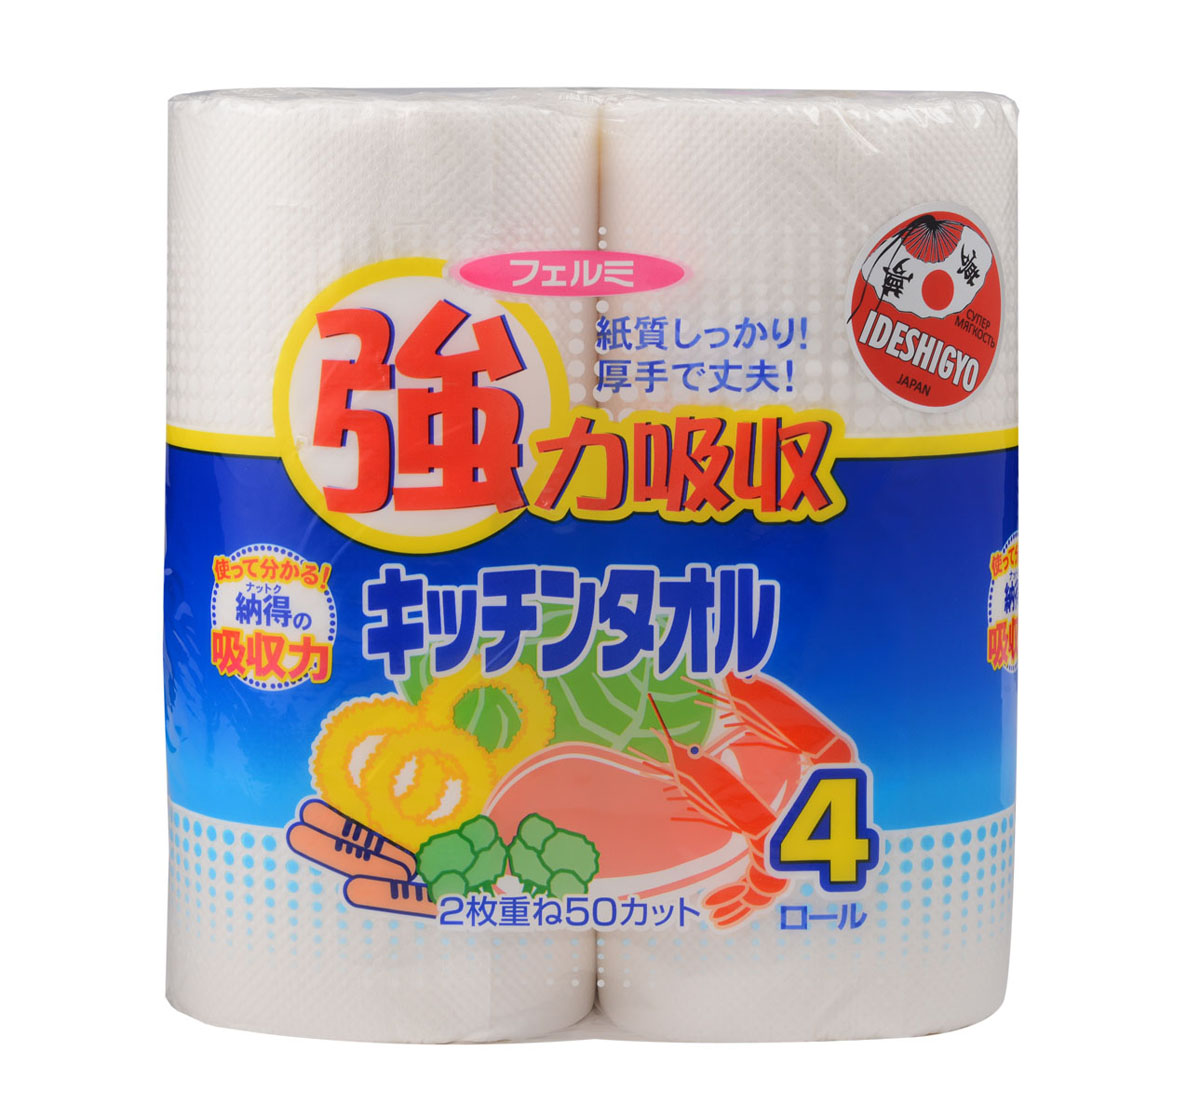 Полотенца бумажные Ideshigyo Due, двухслойные, 4 рулона60412Бумажные полотенца для кухни Ideshigyo Due отличаются повышенной впитываемостью. Это обеспечивается двухслойной толщиной материала. Мягкие, очень приятные на ощупь, но в то же время достаточно прочные и не рвутся при намокании.Кухонные бумажные полотенца изготовлены из природных материалов и воды из источников Фудзи.Бумажные полотенца всегда найдут себе применение: они прекрасно удаляют с поверхностей разлитые жидкости, впитывают влагу и жир, используются для протирания столов, стекол и окон, плит, кухонной мебели.Срок годности не ограничен.